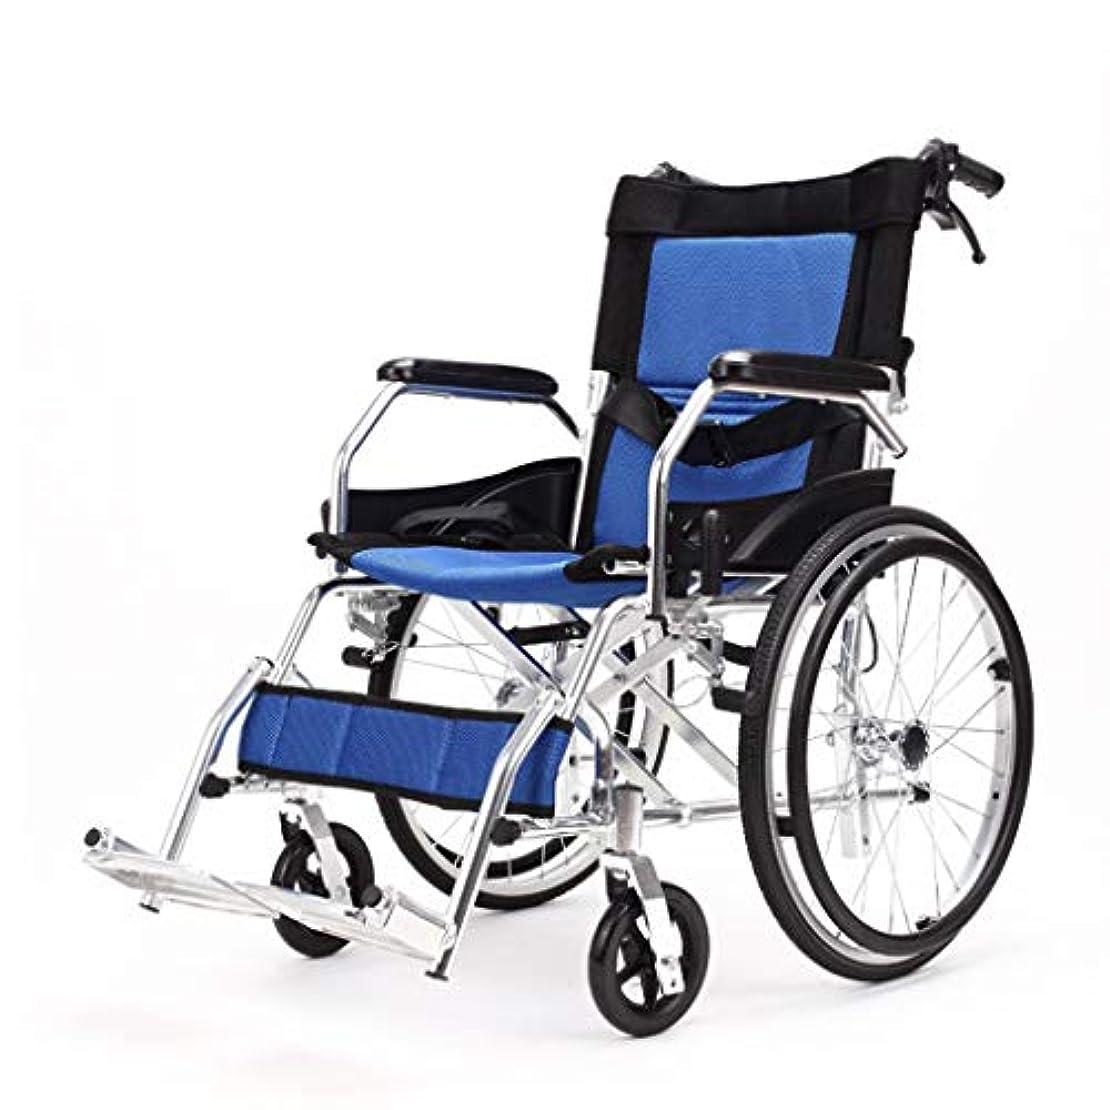 忘れっぽいアストロラーベ引き出し手動車椅子折りたたみ式、背もたれ折りたたみ式デザイン通気性シートクッション、フットペダル調節可能車椅子